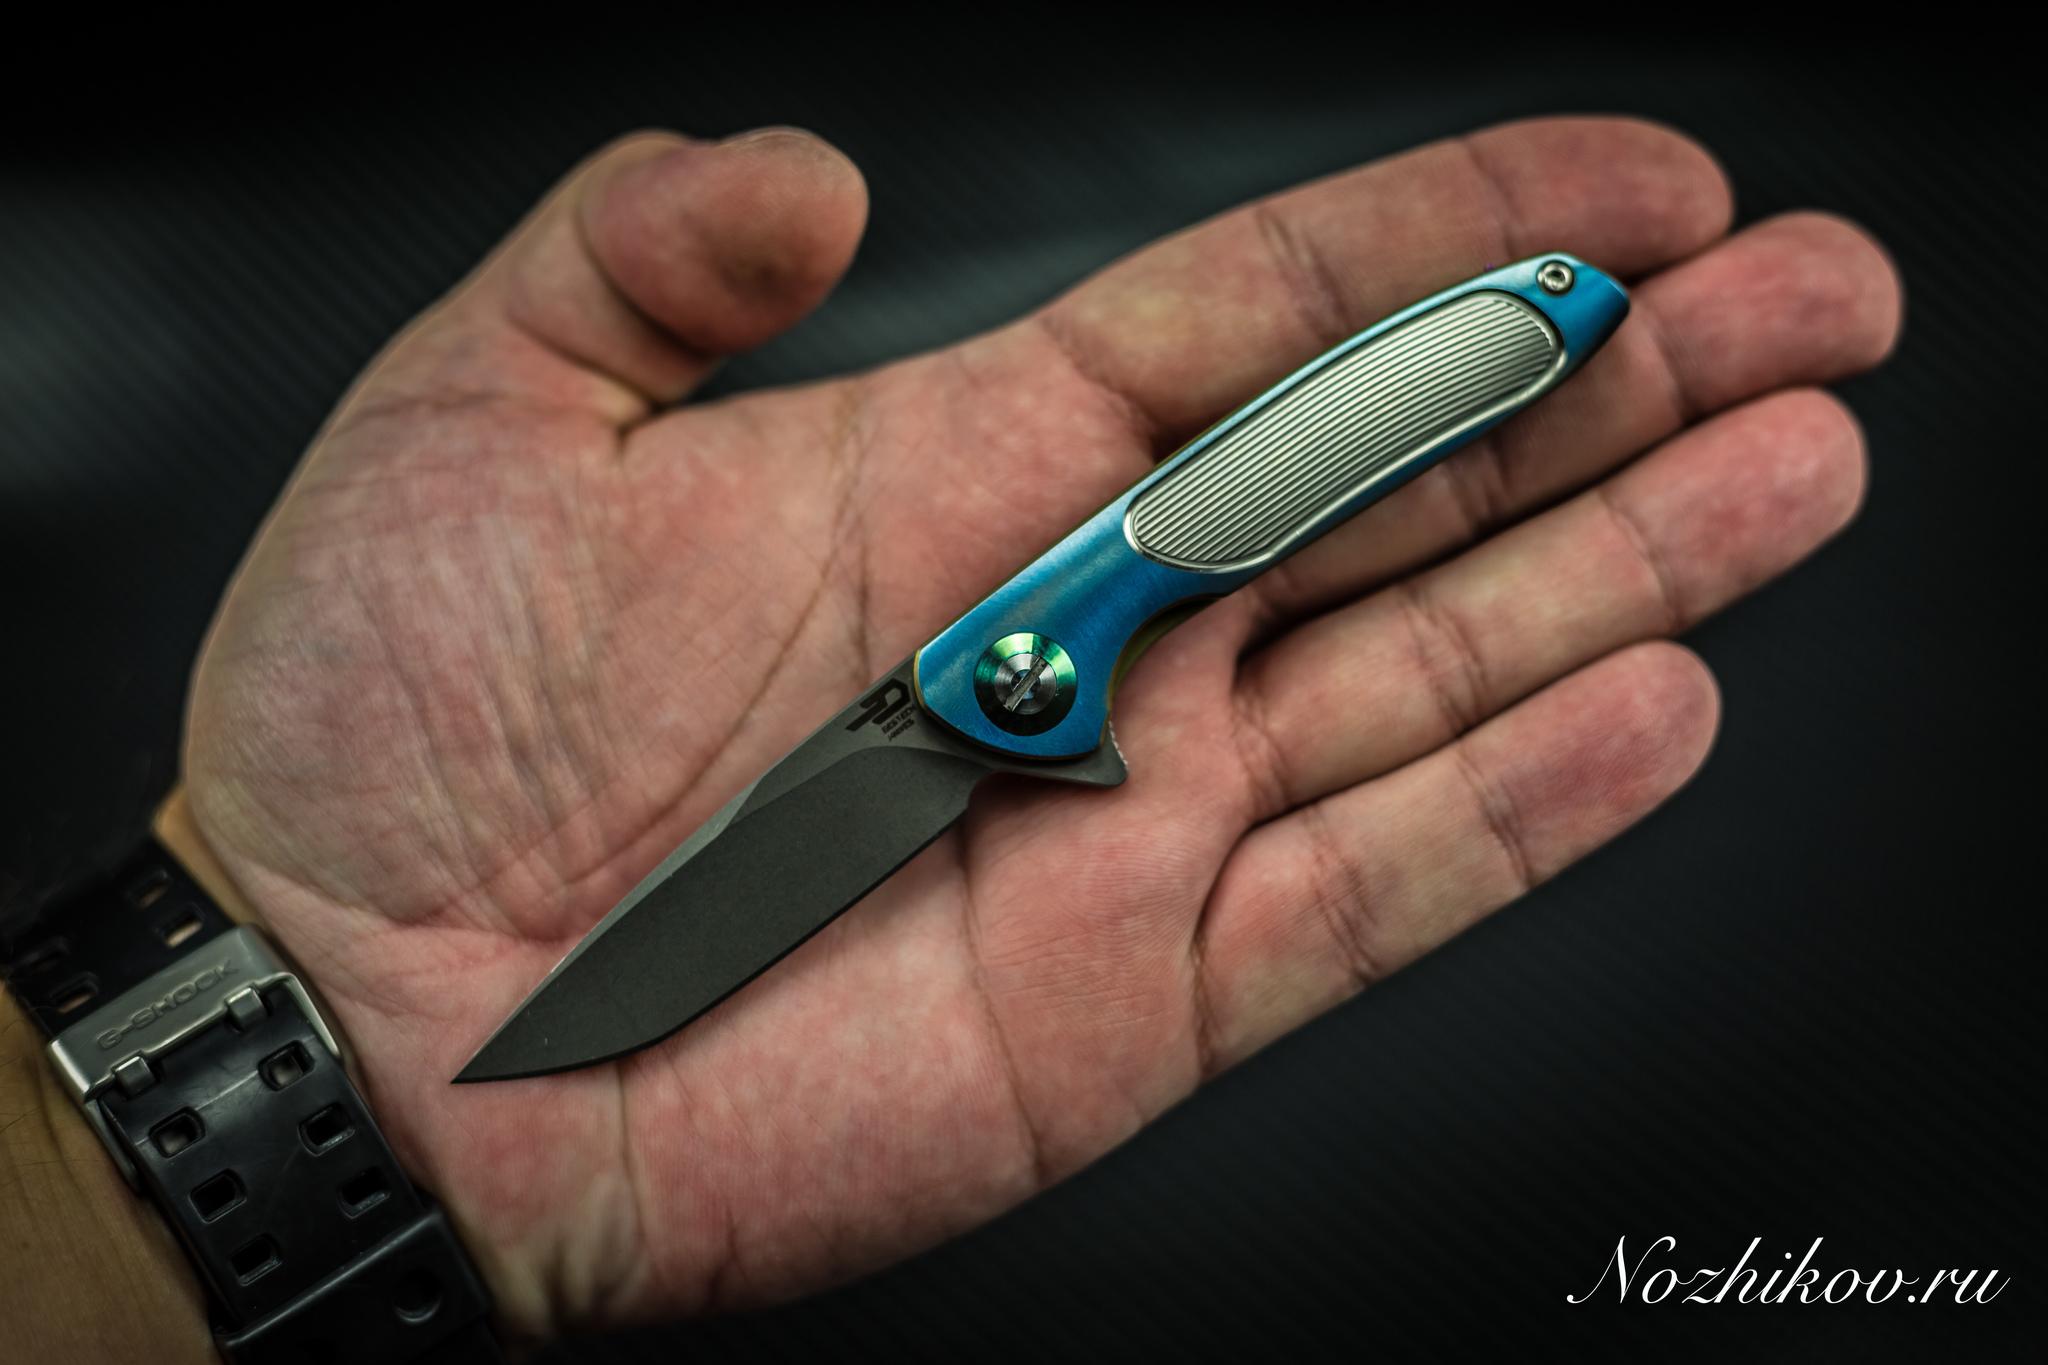 Складной нож Bestech Knives BT1705B, сталь CPM-S35VN, рукоять титанРаскладные ножи<br>СКЛАДНОЙ НОЖ BESTECH KNIVES BT1705B сочетает в себе инновационные материалы, передовой дизайн и высокотехнологичные способы обработки металла. Если нож для вас не только инструмент, но еще и элемент повседневного стиля, то вам совершенно точно нужен именно этот вариант. К тому же дизайн этой модели создан коллективом известных найфмейкеров и защищен патентом. Клинок из порошковой стали высокой твердости имеет на поверхности оксидную пленку, которая обеспечивает дополнительную защиту от коррозии и агрессивных сред. При ежедневном использовании достаточно лишь поддерживать режущую кромку в рабочем состоянии и тогда нож сохранит остроту в течение длительного времени. Рукоять из облегченного титанового сплава покрыта рифлением, что обеспечивает надежный контакт в процессе работы.<br>